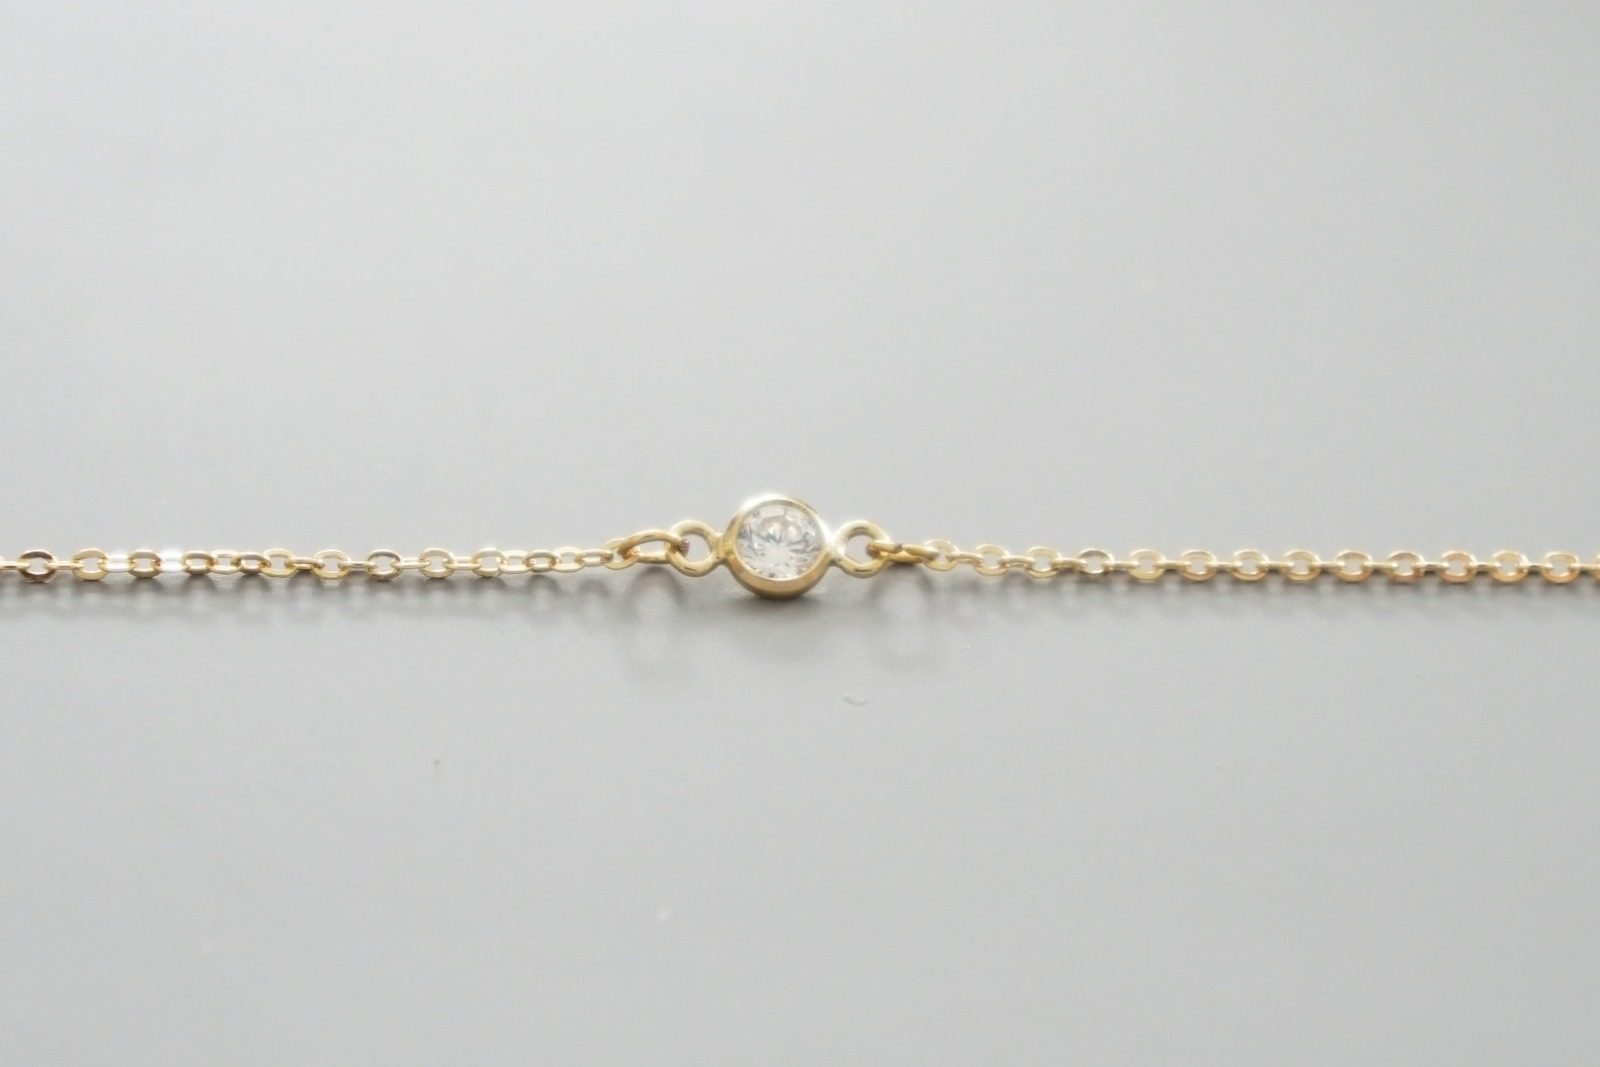 Feines Armband vergoldet mit Zirkonia Stein - 2